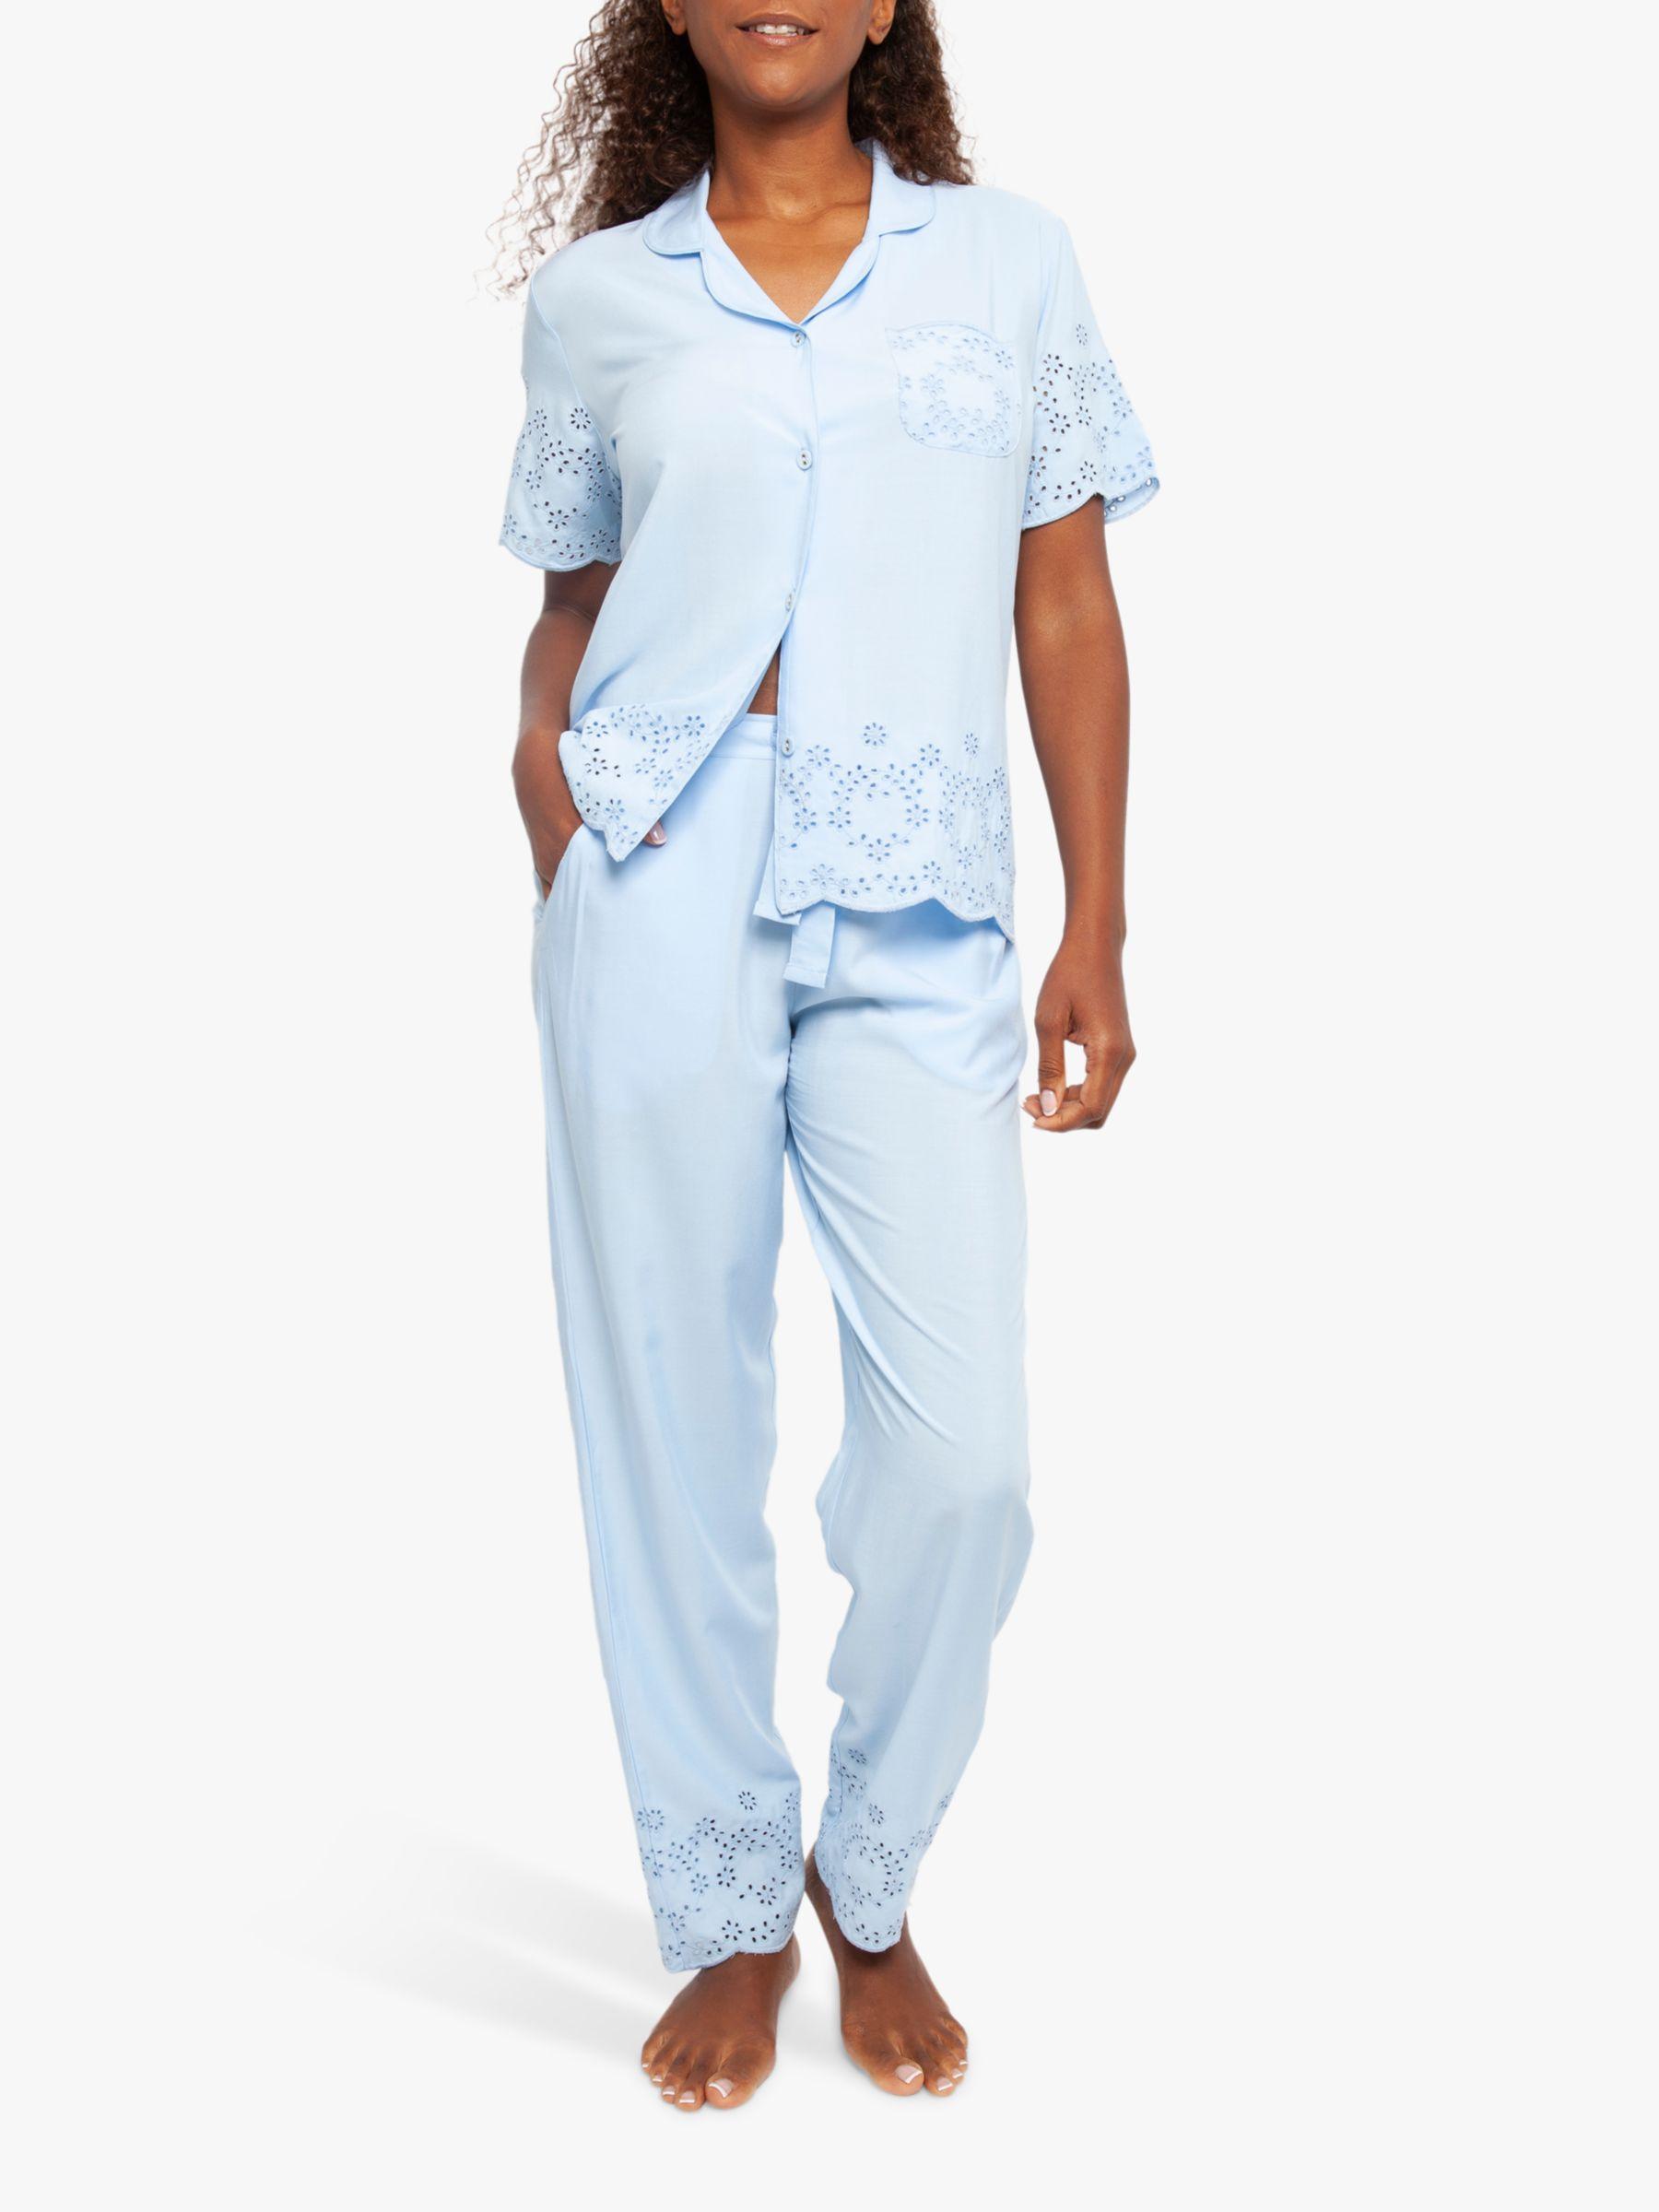 Cyberjammies Cyberjammies Olivia Short Sleeve Pyjama Set, Blue